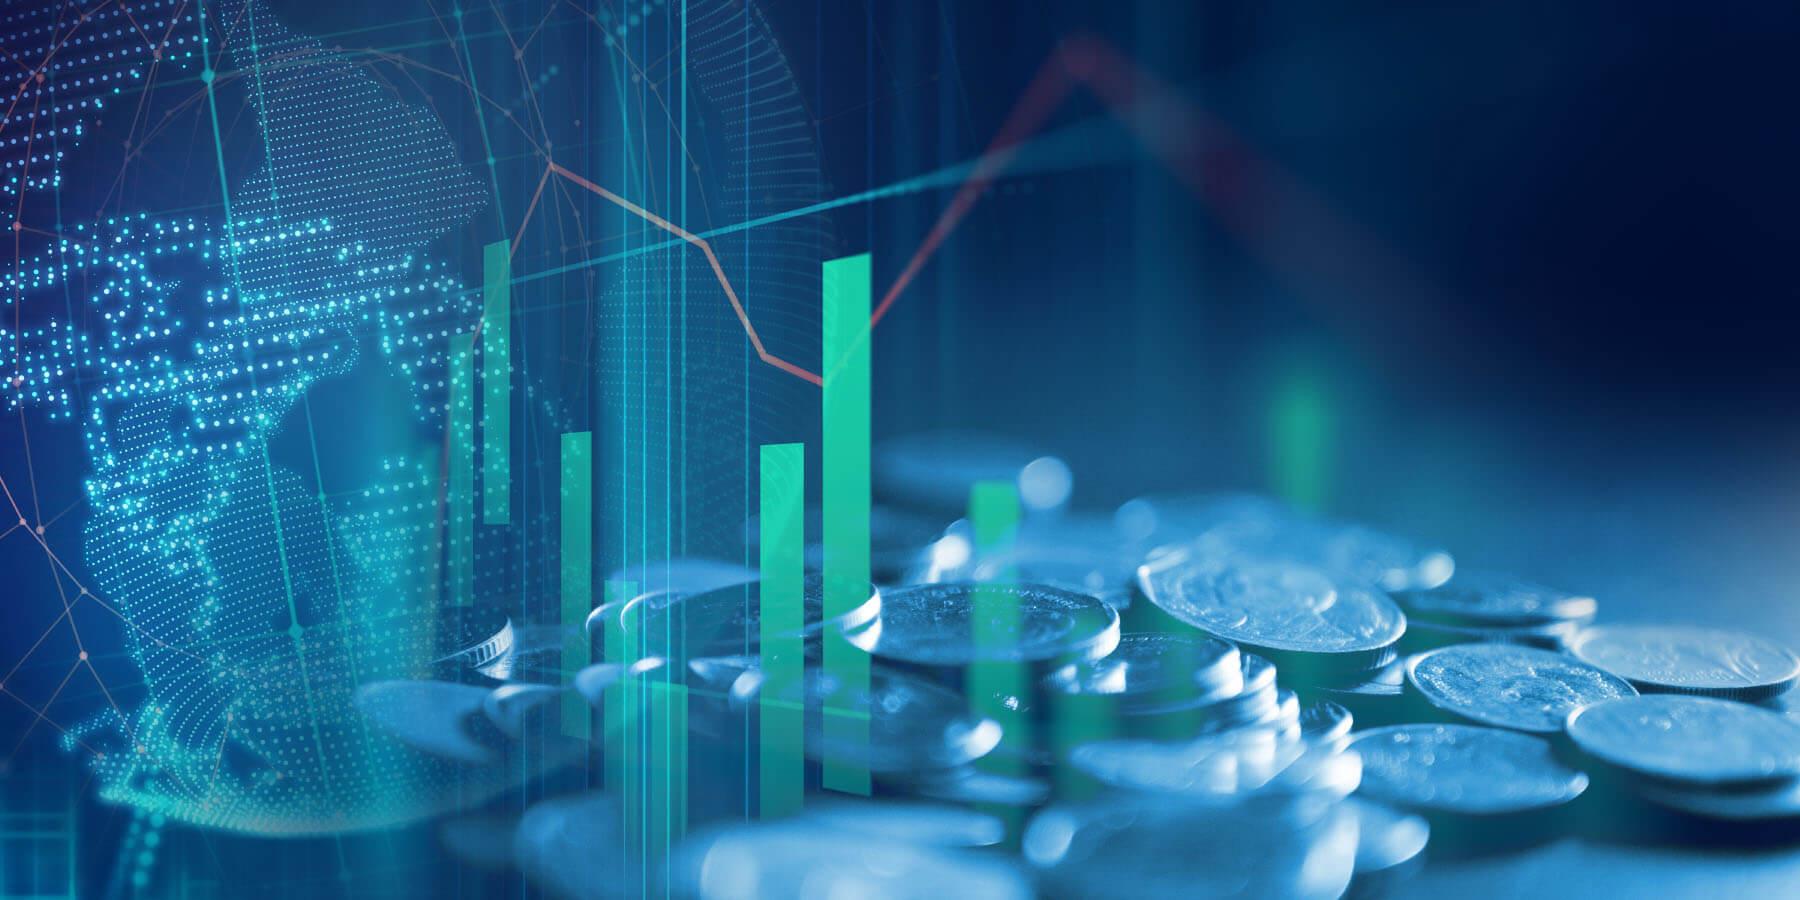 Organización financiera líder crea mainframe virtual y reduce los costos de prueba